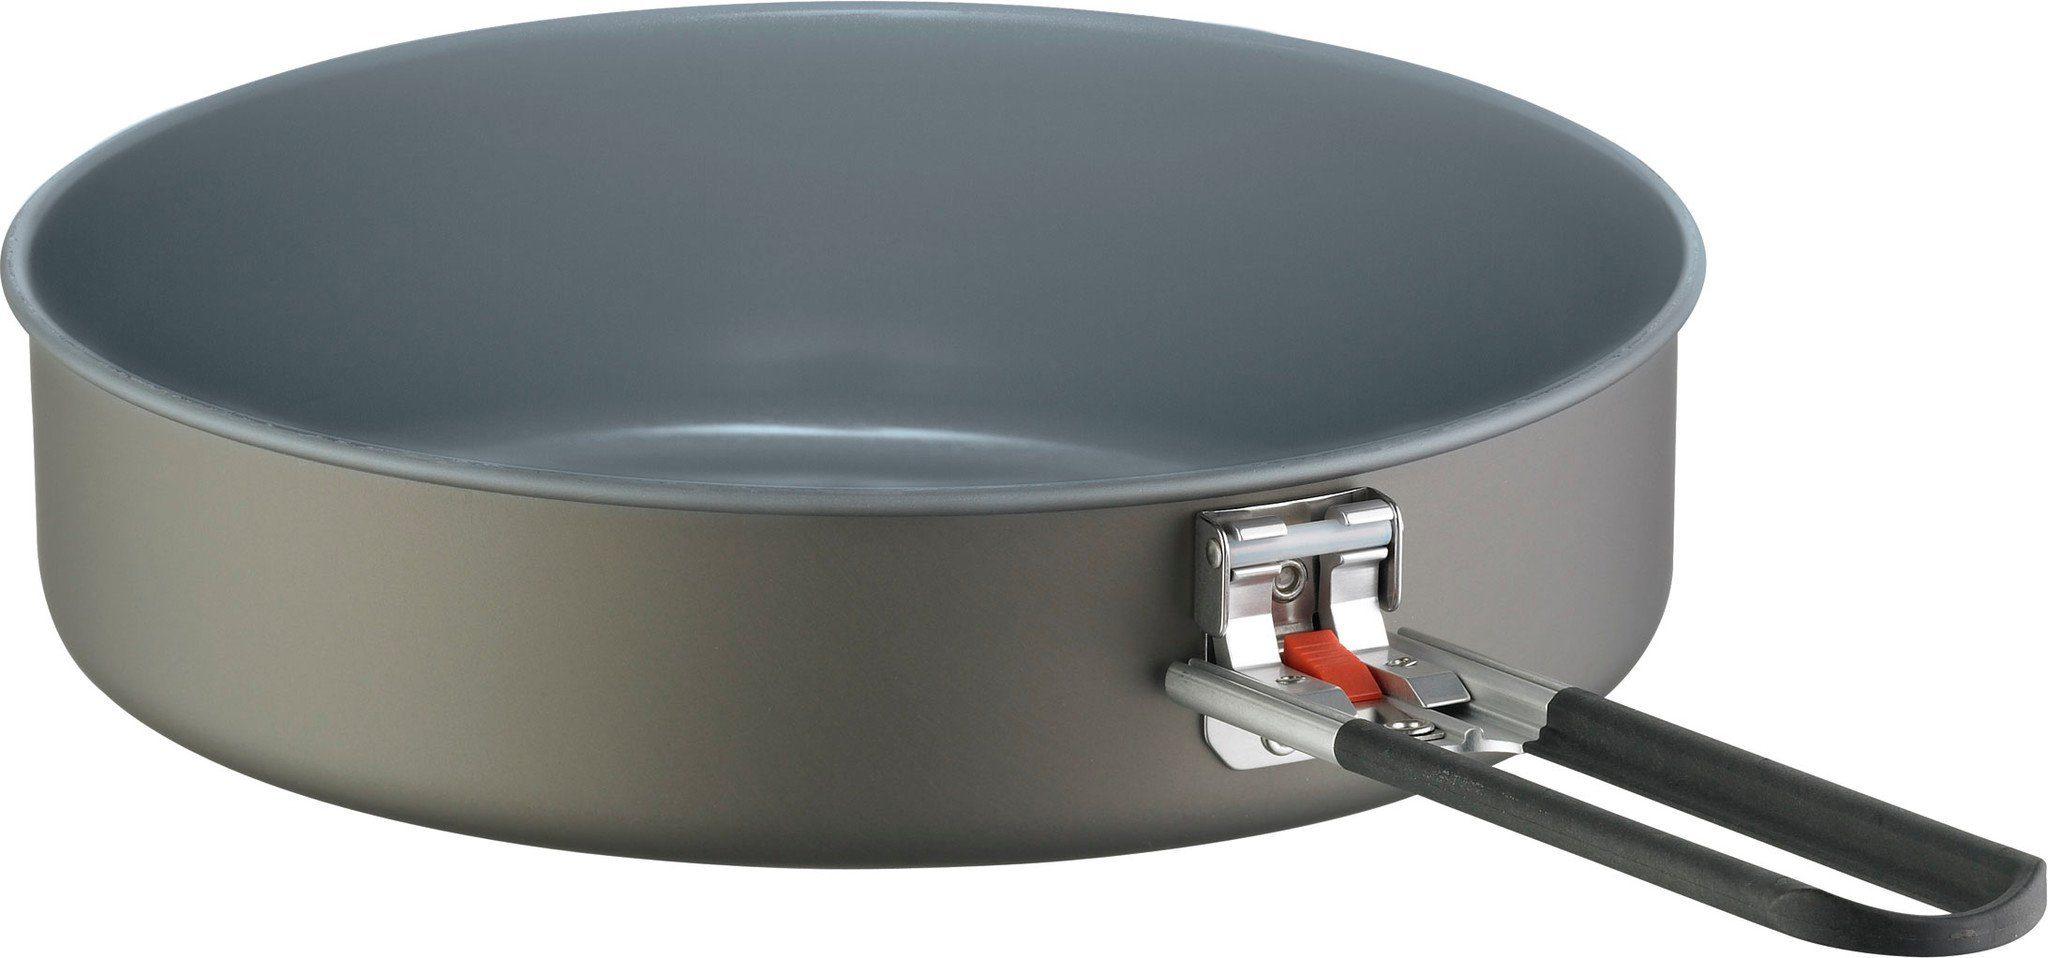 MSR Camping-Geschirr »Ceramic Flex Skillet«